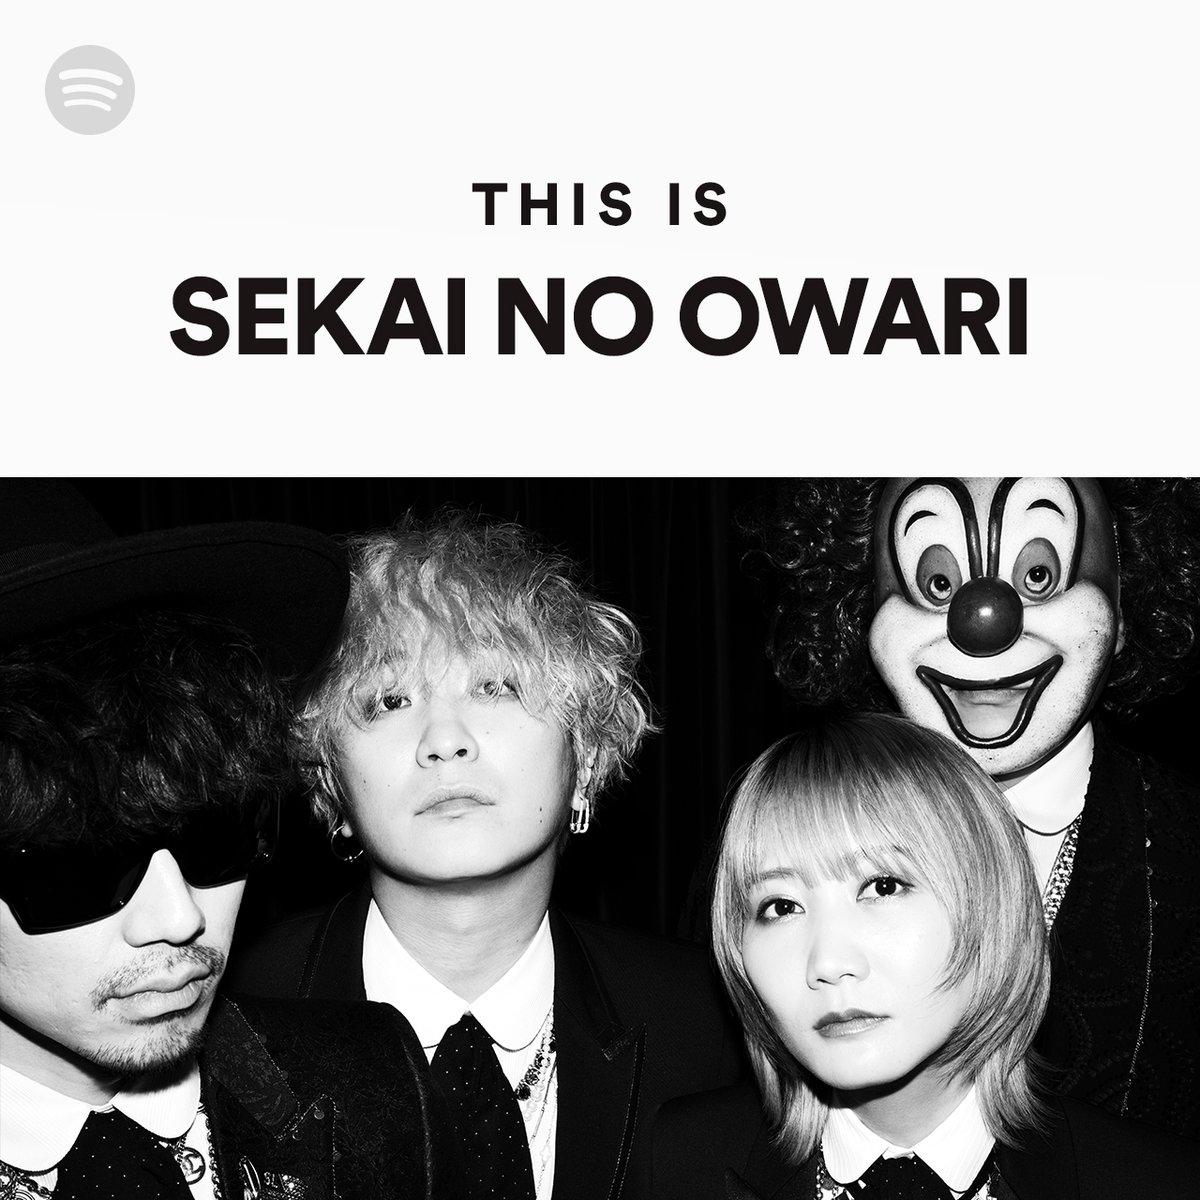 SEKAI NO OWARI (@SekaiNoOwariOFC) の新曲